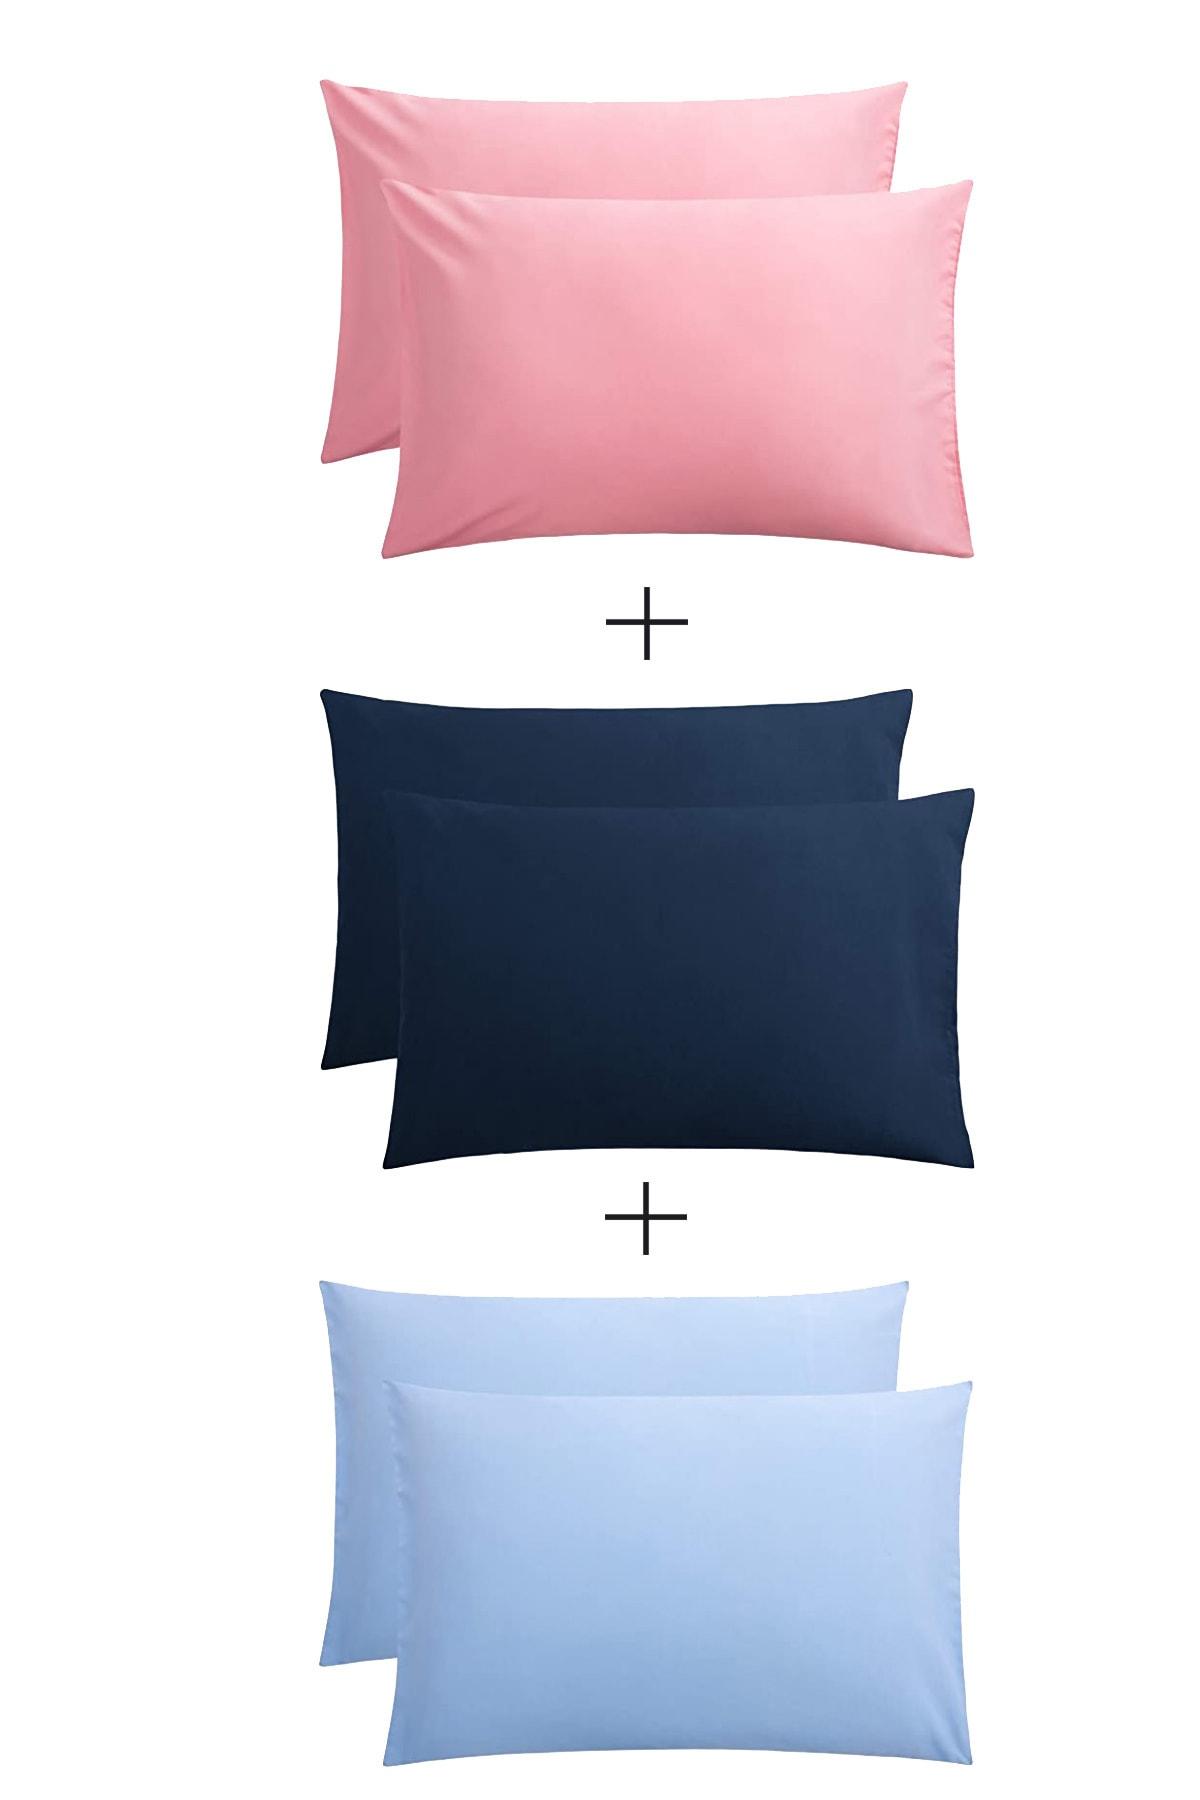 Stella Flavo 6'lı Yastık Kılıfı 50x70+20cm Kapaklı Pembe-lacivert-mavi